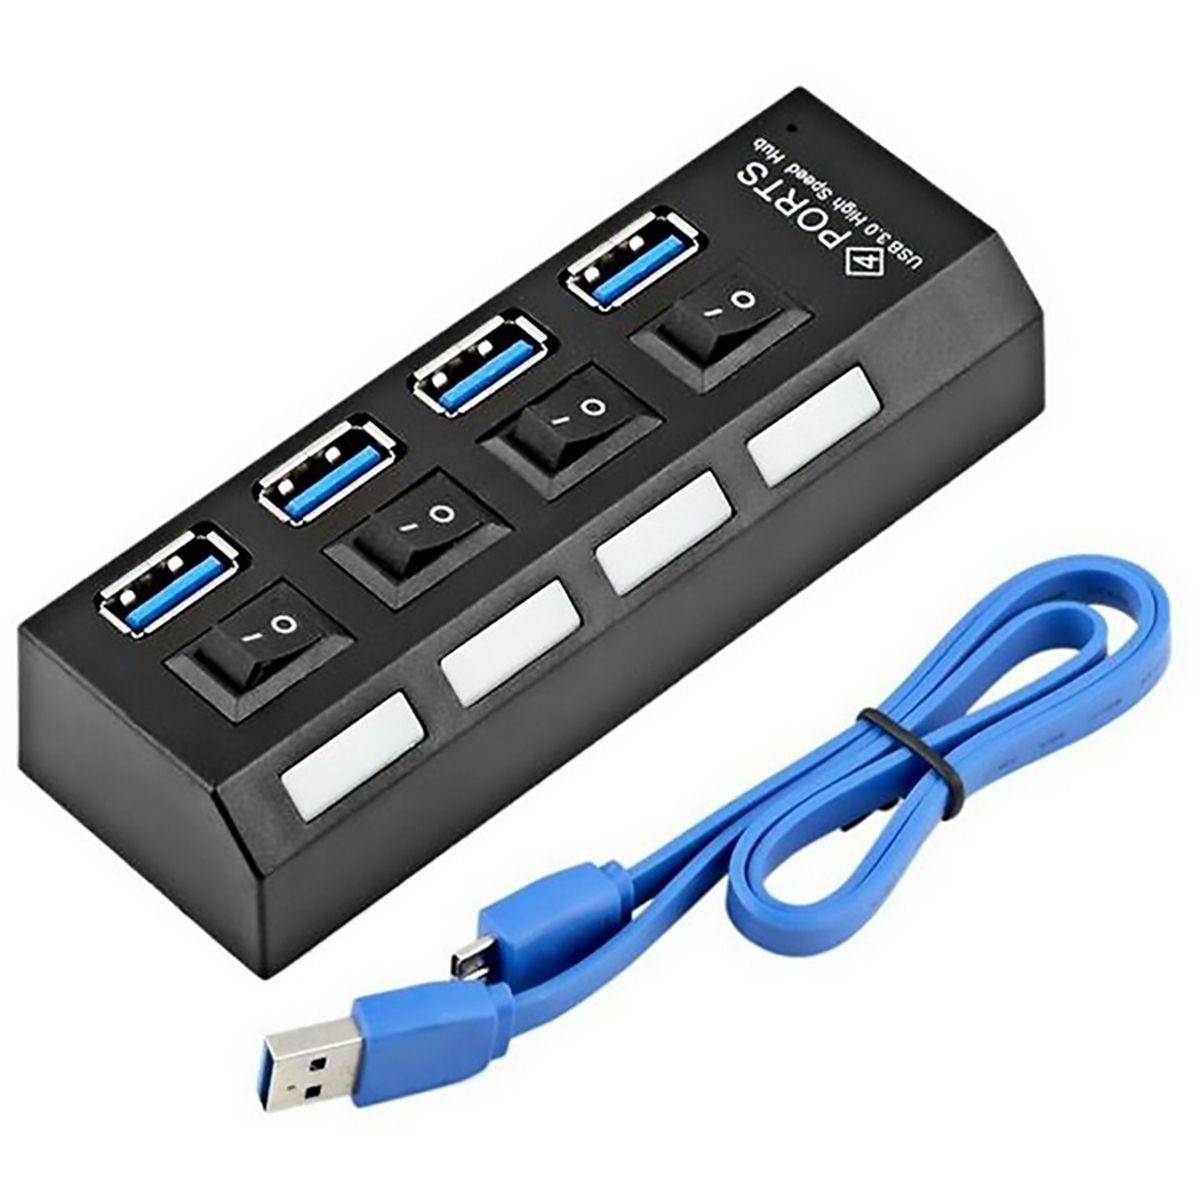 HUB USB 3.0 4 PORTAS COM SWITCH E LED INDICADOR SUPORTA 1TB